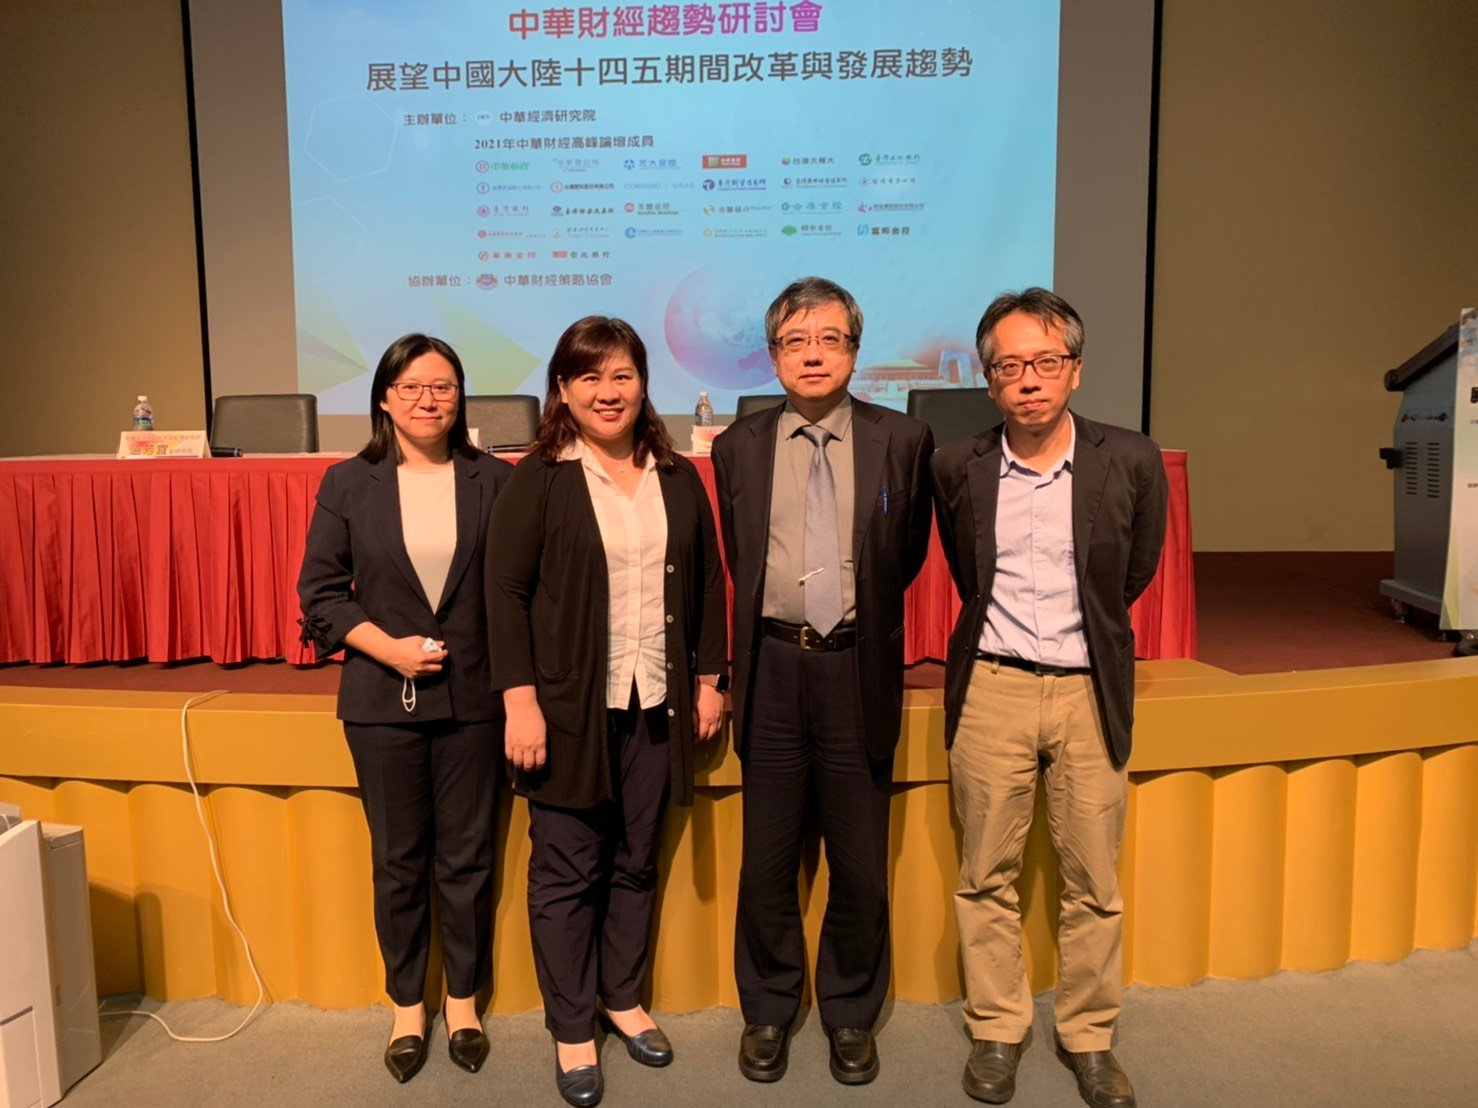 中經院大陸經濟所研究員兼所長劉孟俊(右2)與副所長吳佳勳(左2)。(賴意晴/大紀元)